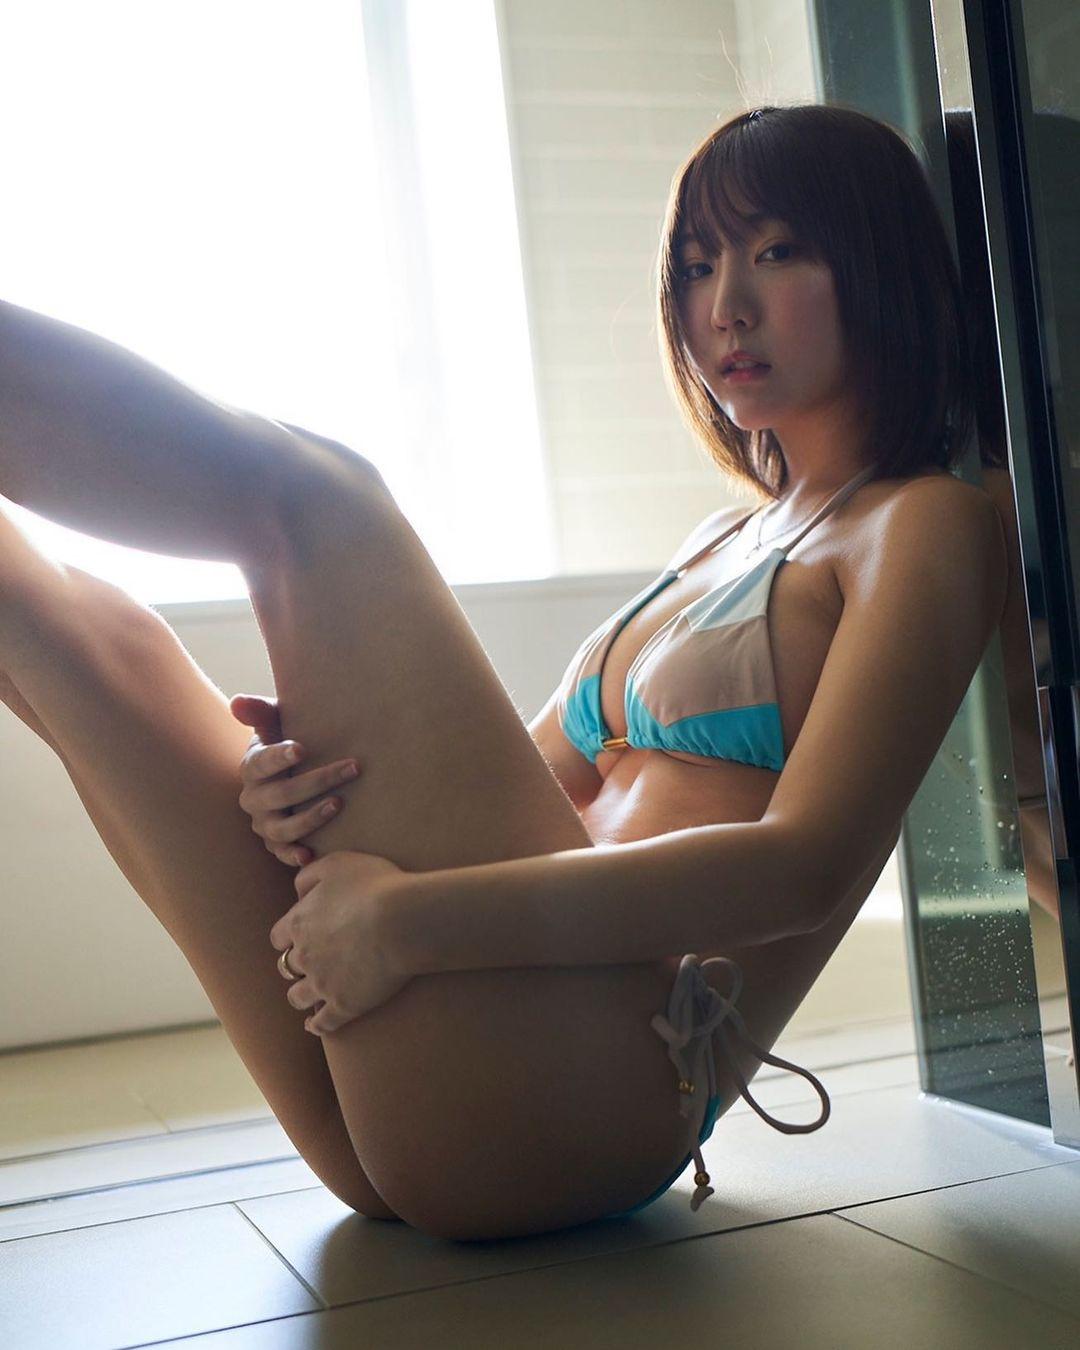 「下乳出ちゃってる…」セクシービキニショットでファンを魅了【日向葵衣さん/2021年5月19日】